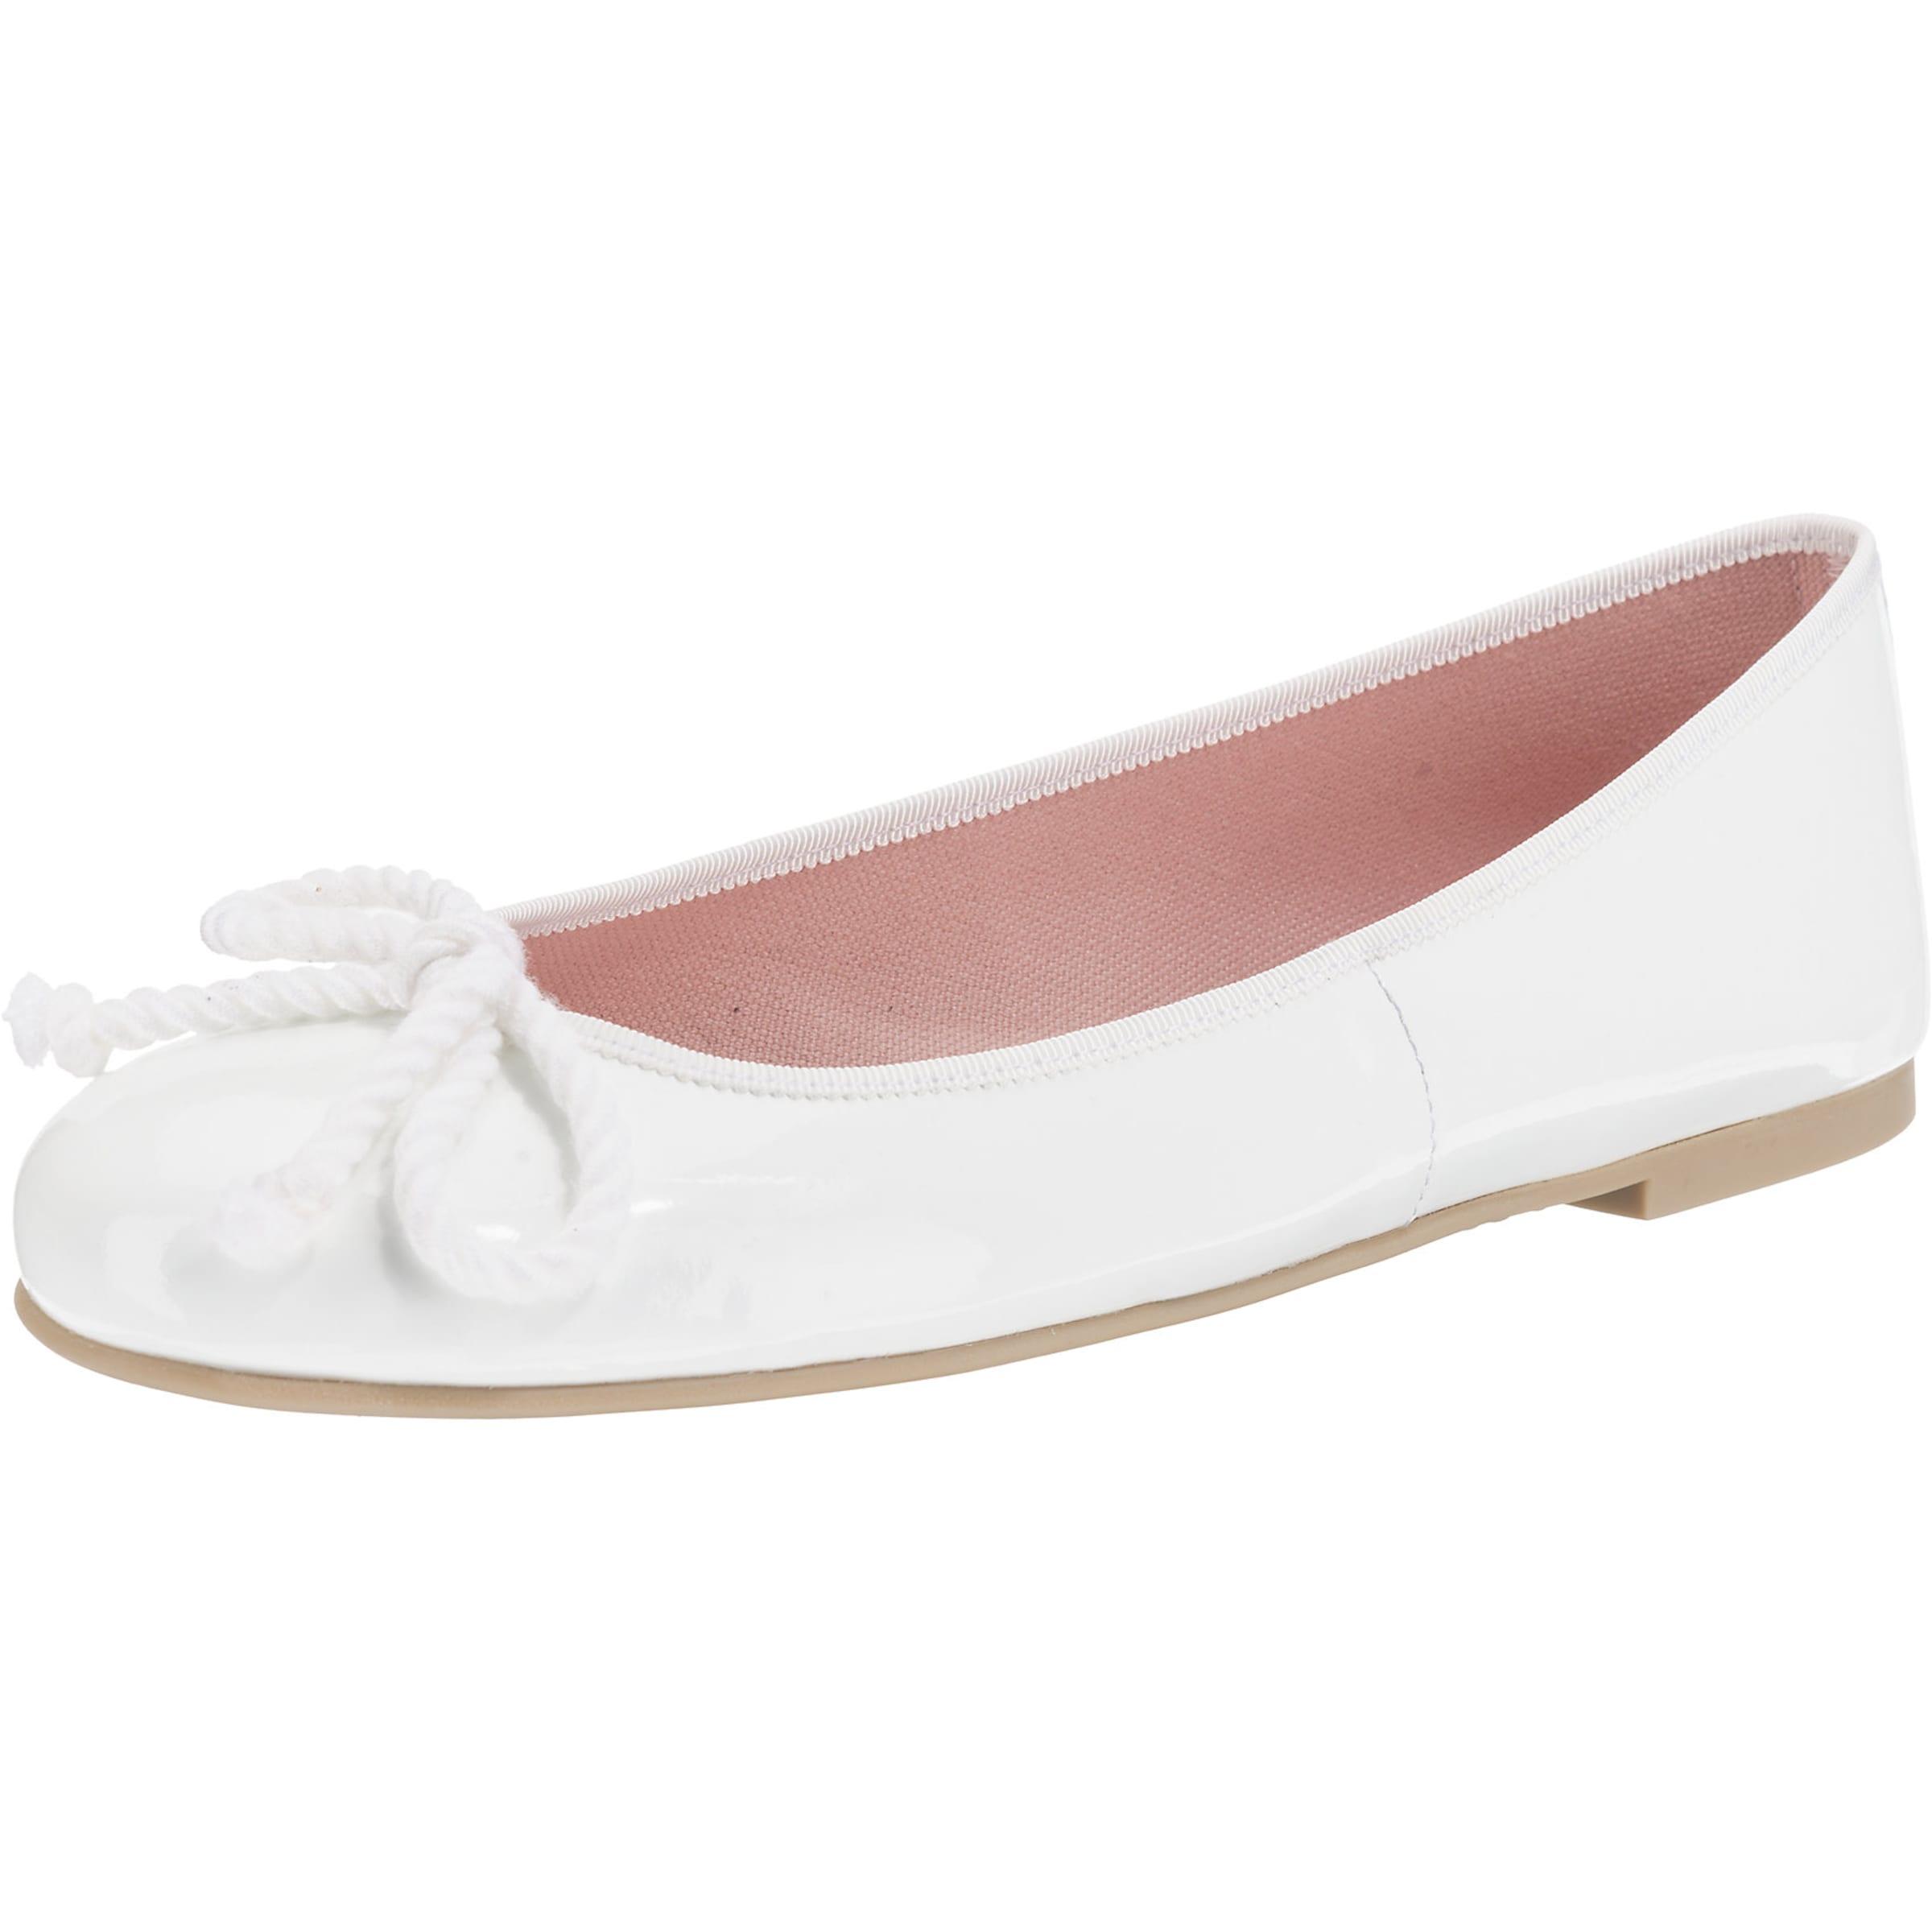 PRETTY BALLERINAS Klassische Ballerinas Günstige und langlebige Schuhe